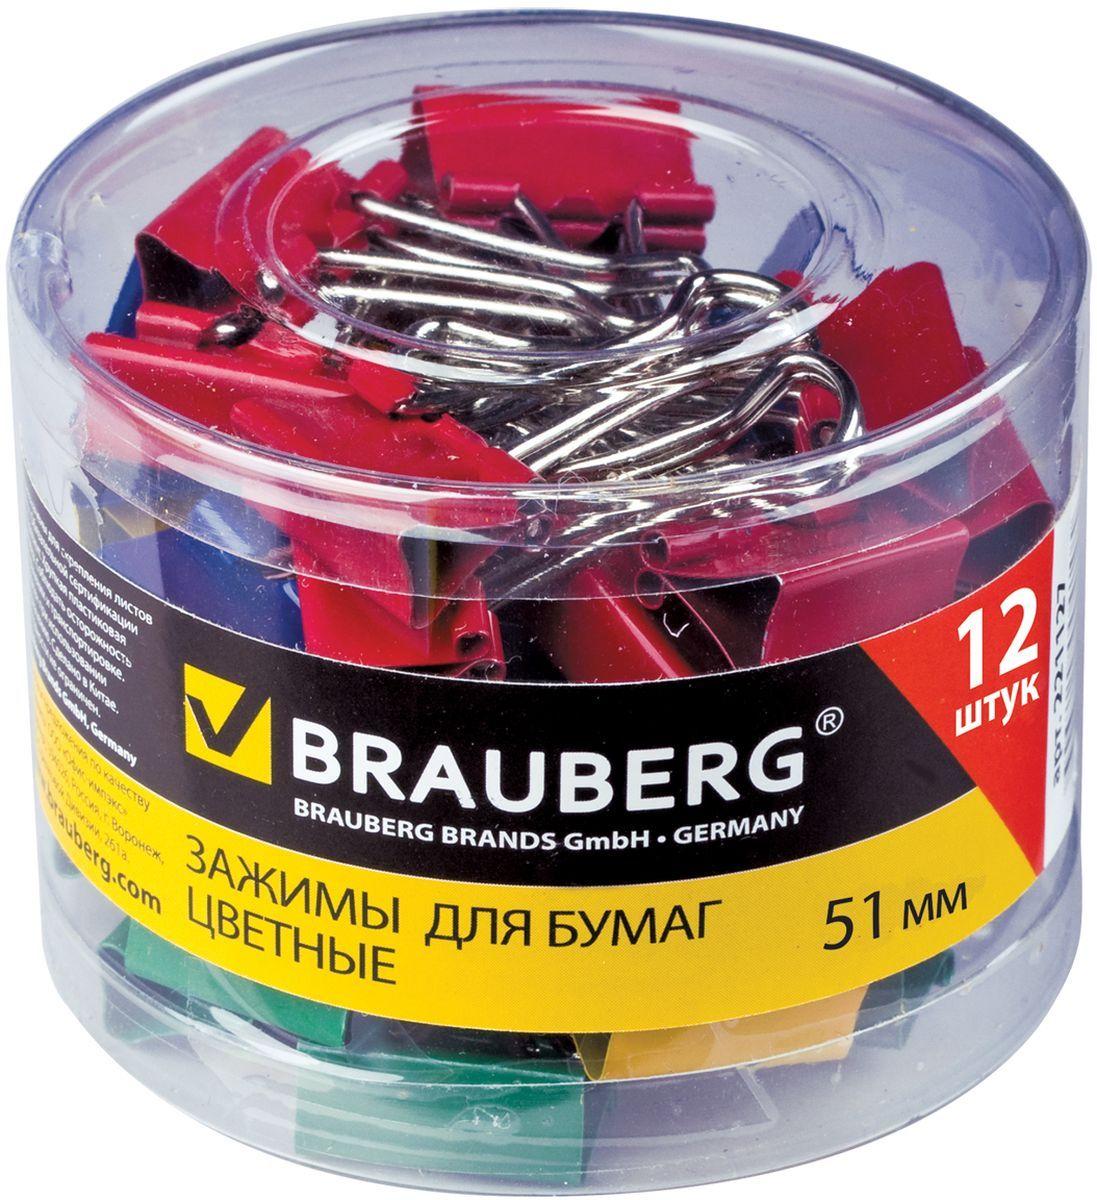 Brauberg Зажим для бумаг 51 мм 12 шт221131Зажимы для бумаг Brauberg предназначены для скрепления документов без использования степлера. Практичны и удобны в использовании.